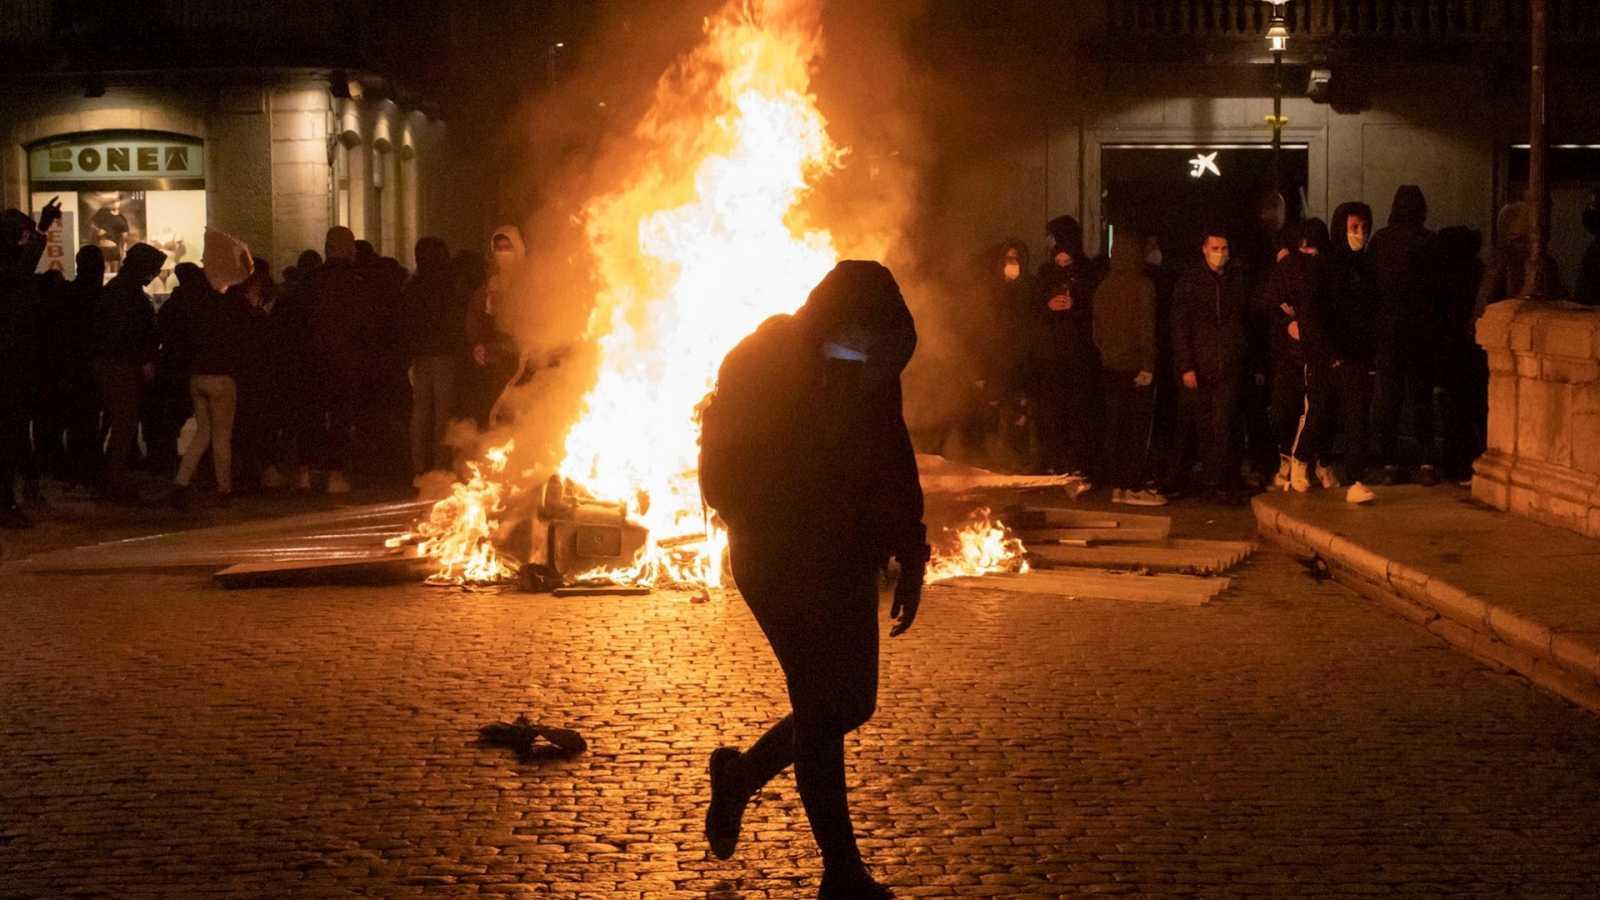 14 horas Fin de Semana - Colau apela al civismo de los manifestantes y pide que cesen los destrozos - Escuchar ahora